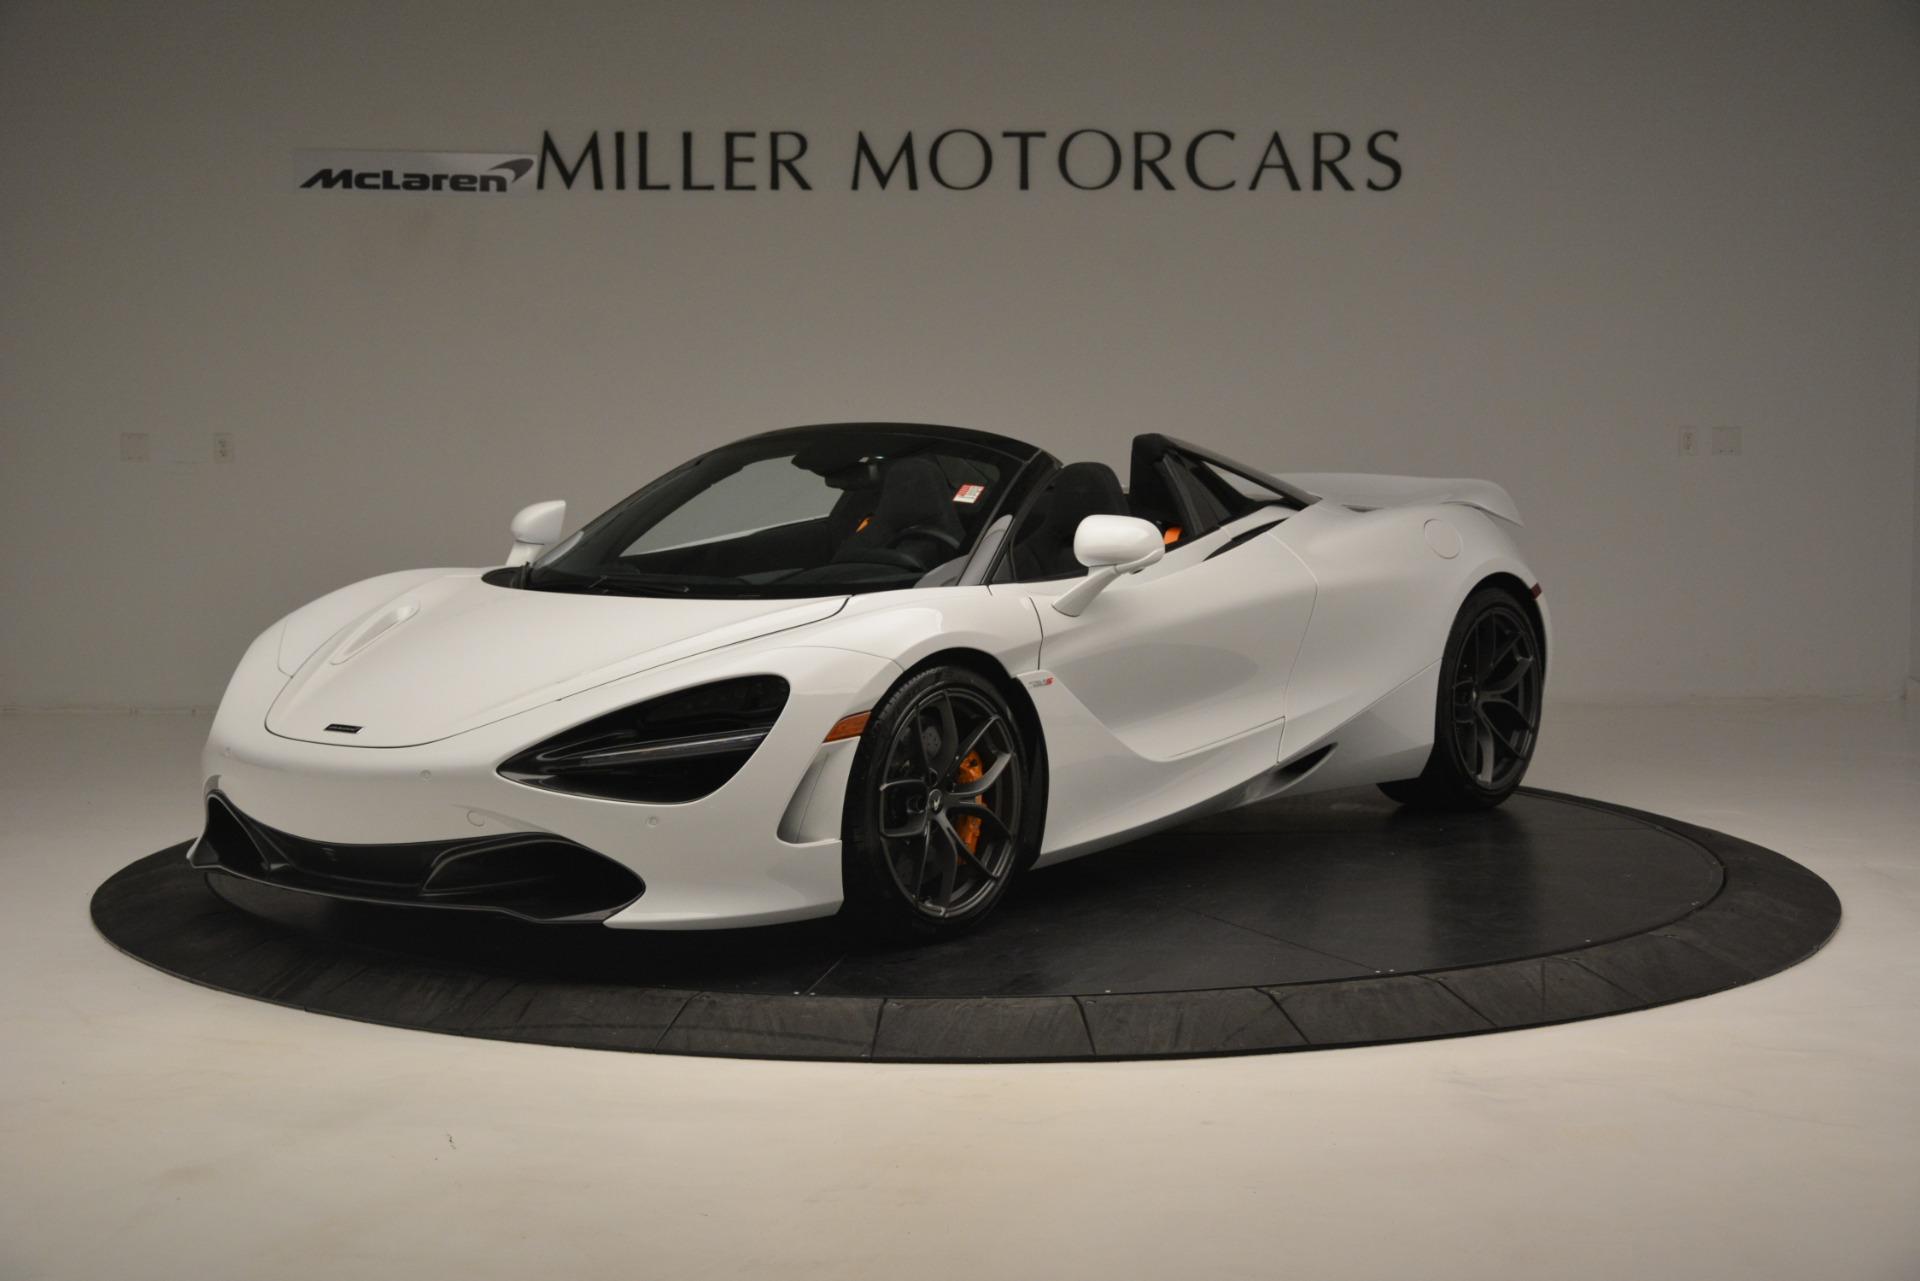 New 2020 McLaren 720S Spider Convertible For Sale In Westport, CT 3229_main